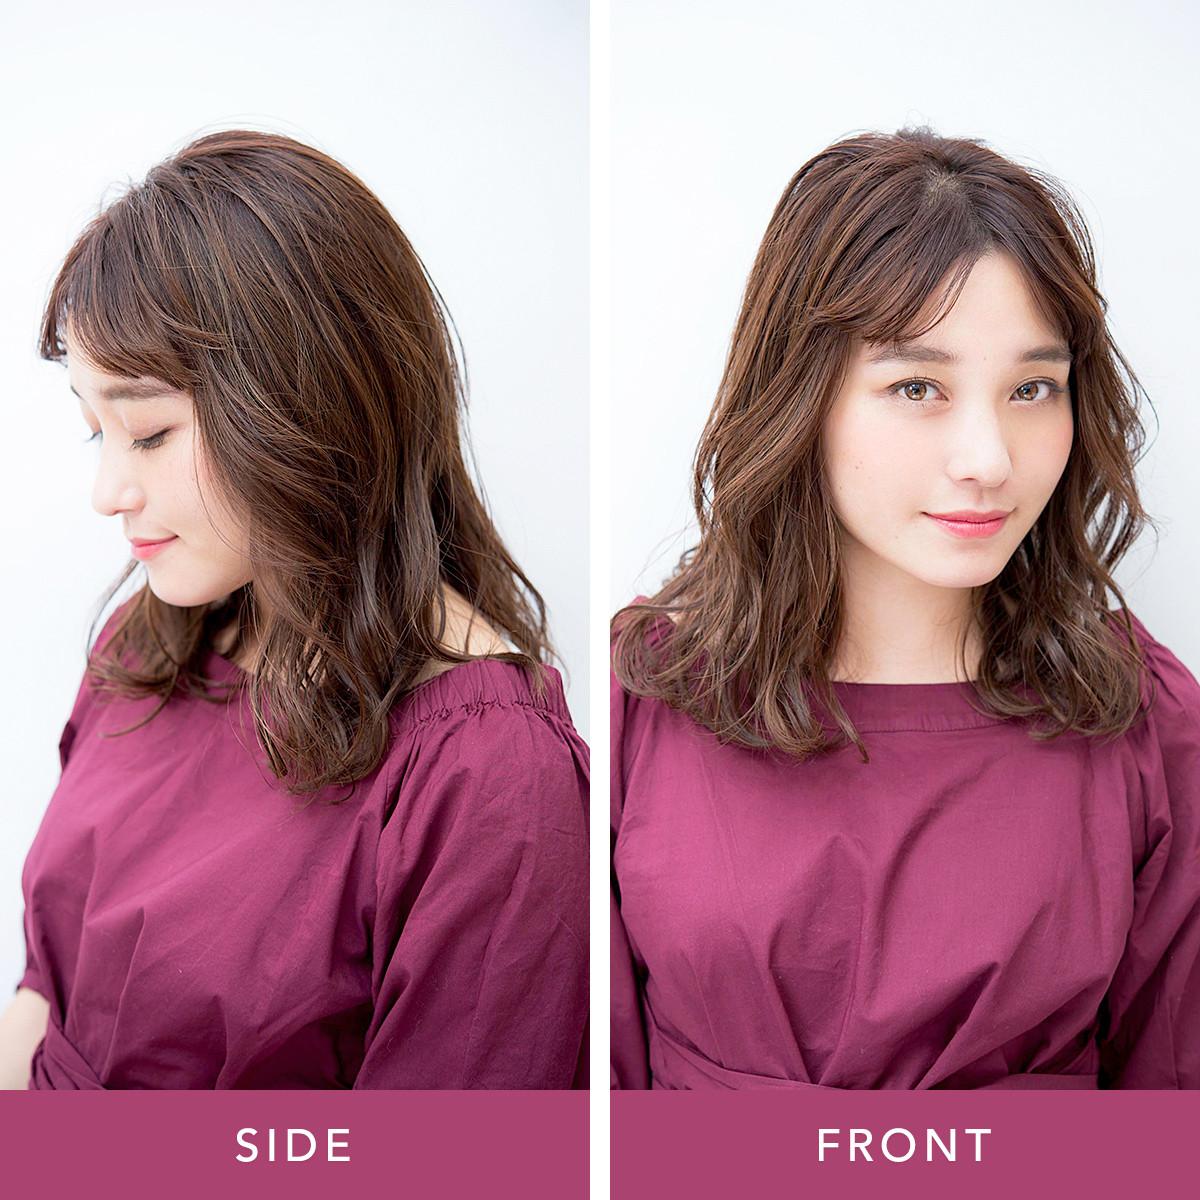 変わりばえしないヘアに飽きたら…前髪だけで印象チェンジ3パターン_1_5